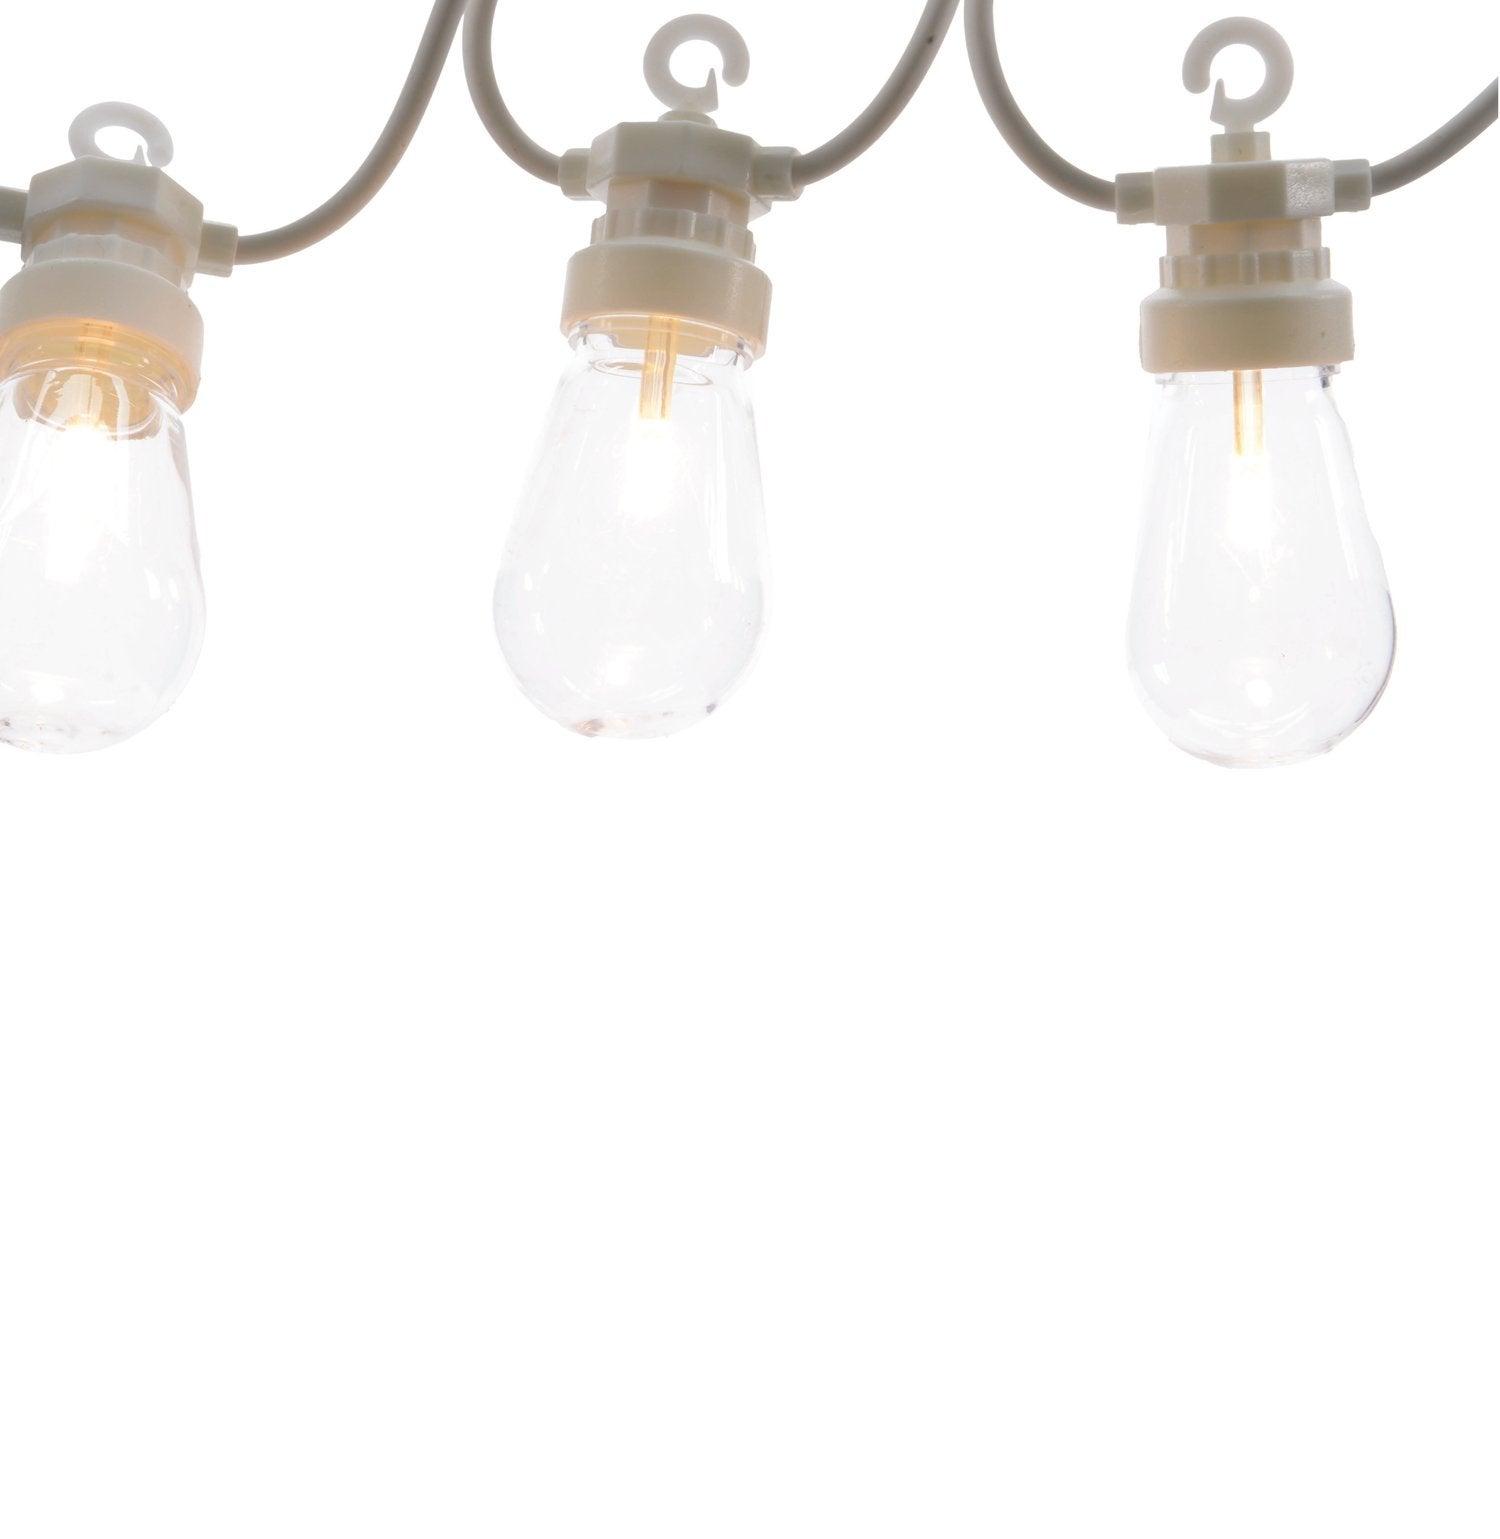 Verlichtingssnoer uitbreiding globes LED 10 m wit